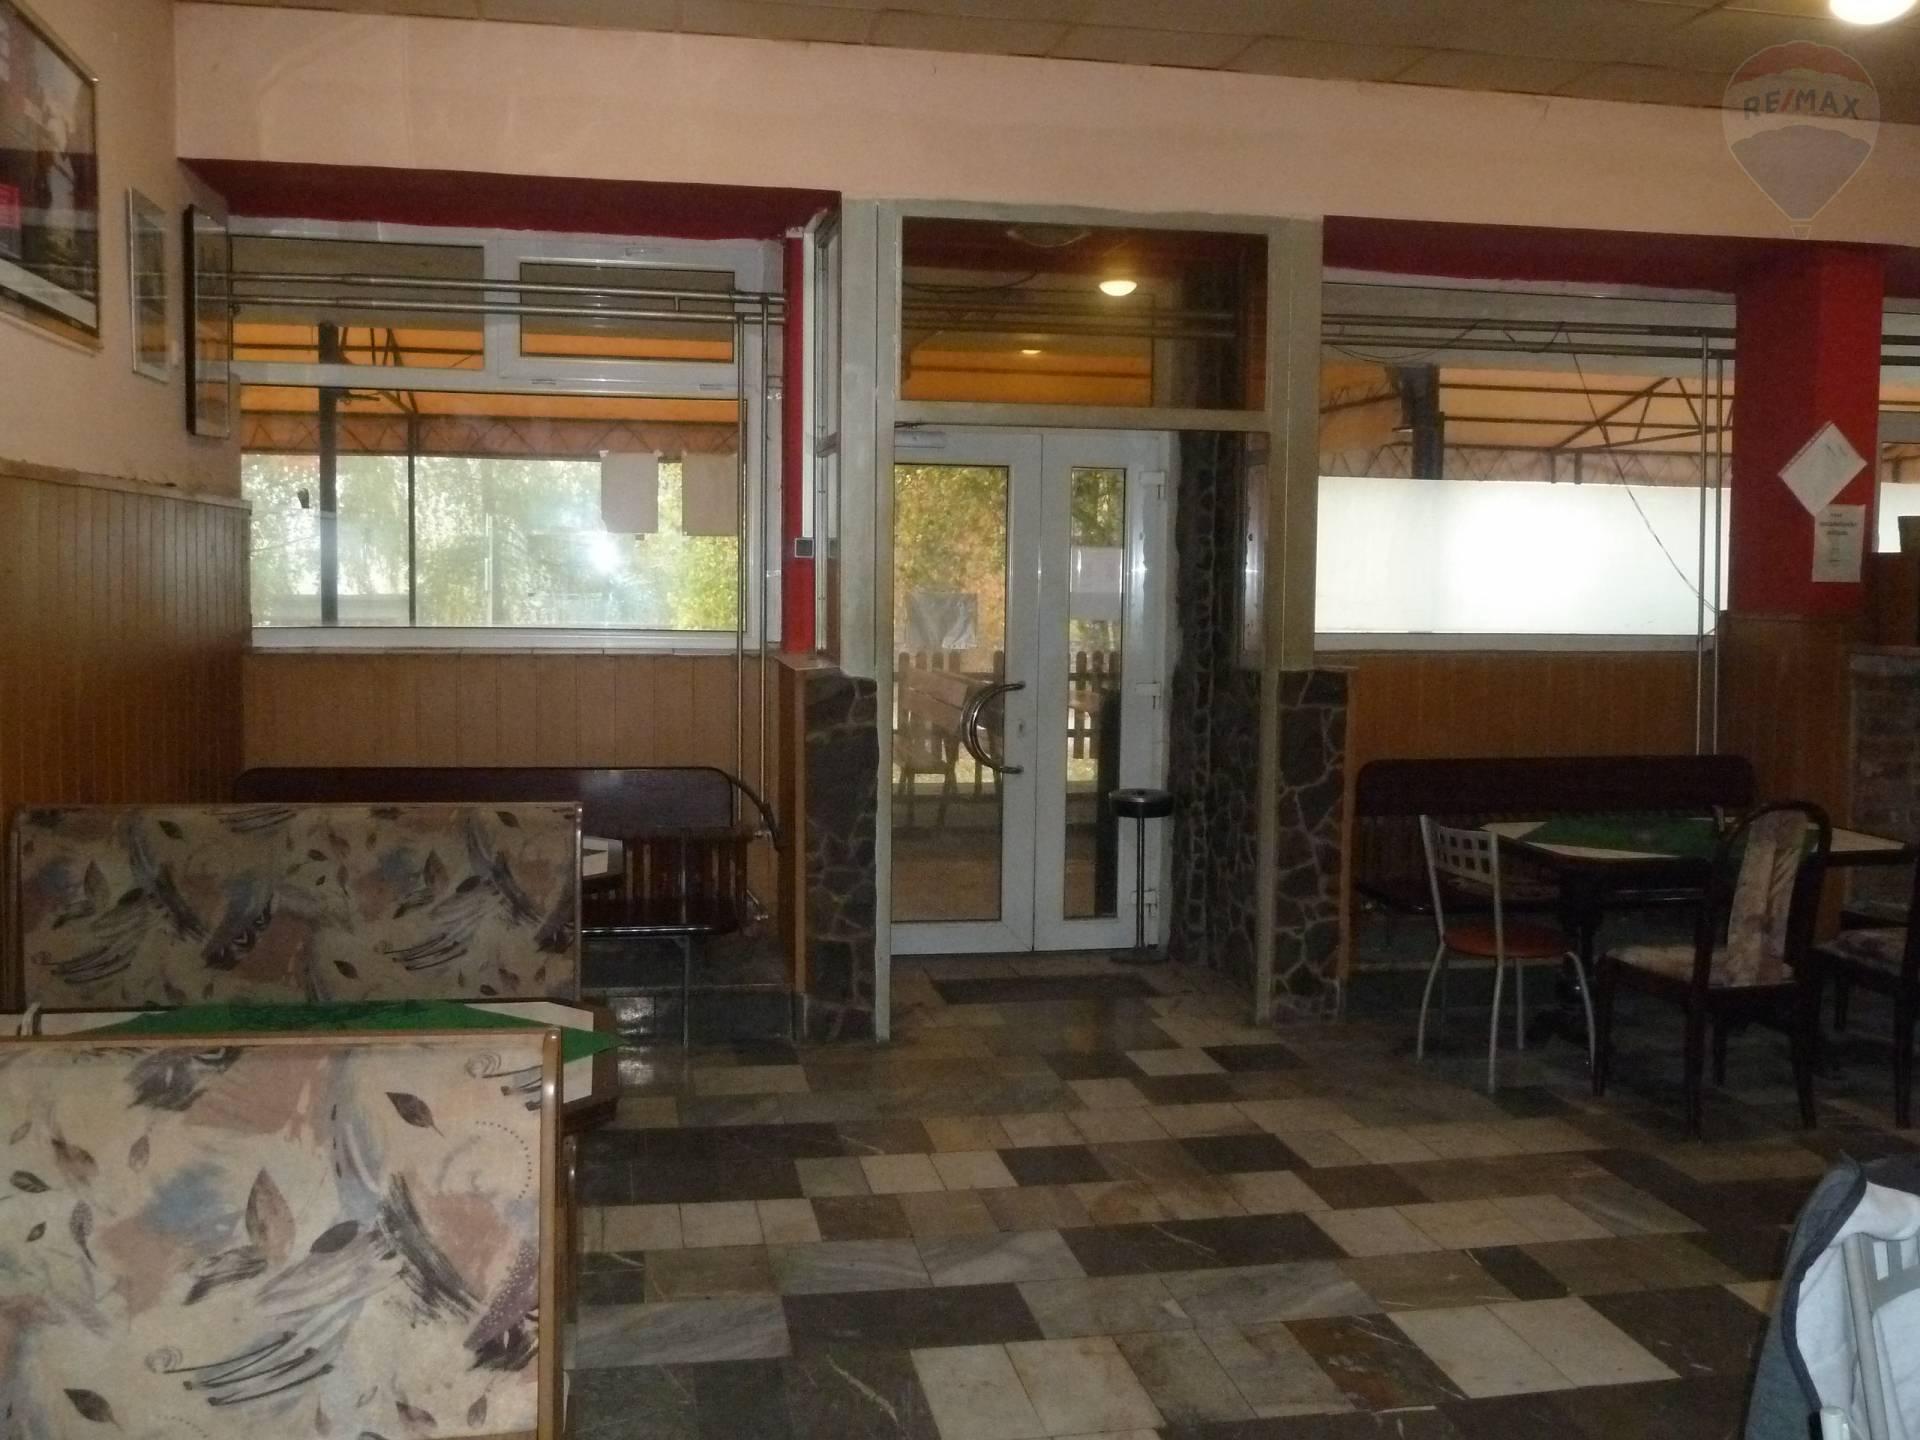 Predaj reštaurácie 125 m2, Bánovce nad Bebravou - Pohostinské priestory Bánovce nad Bebravou